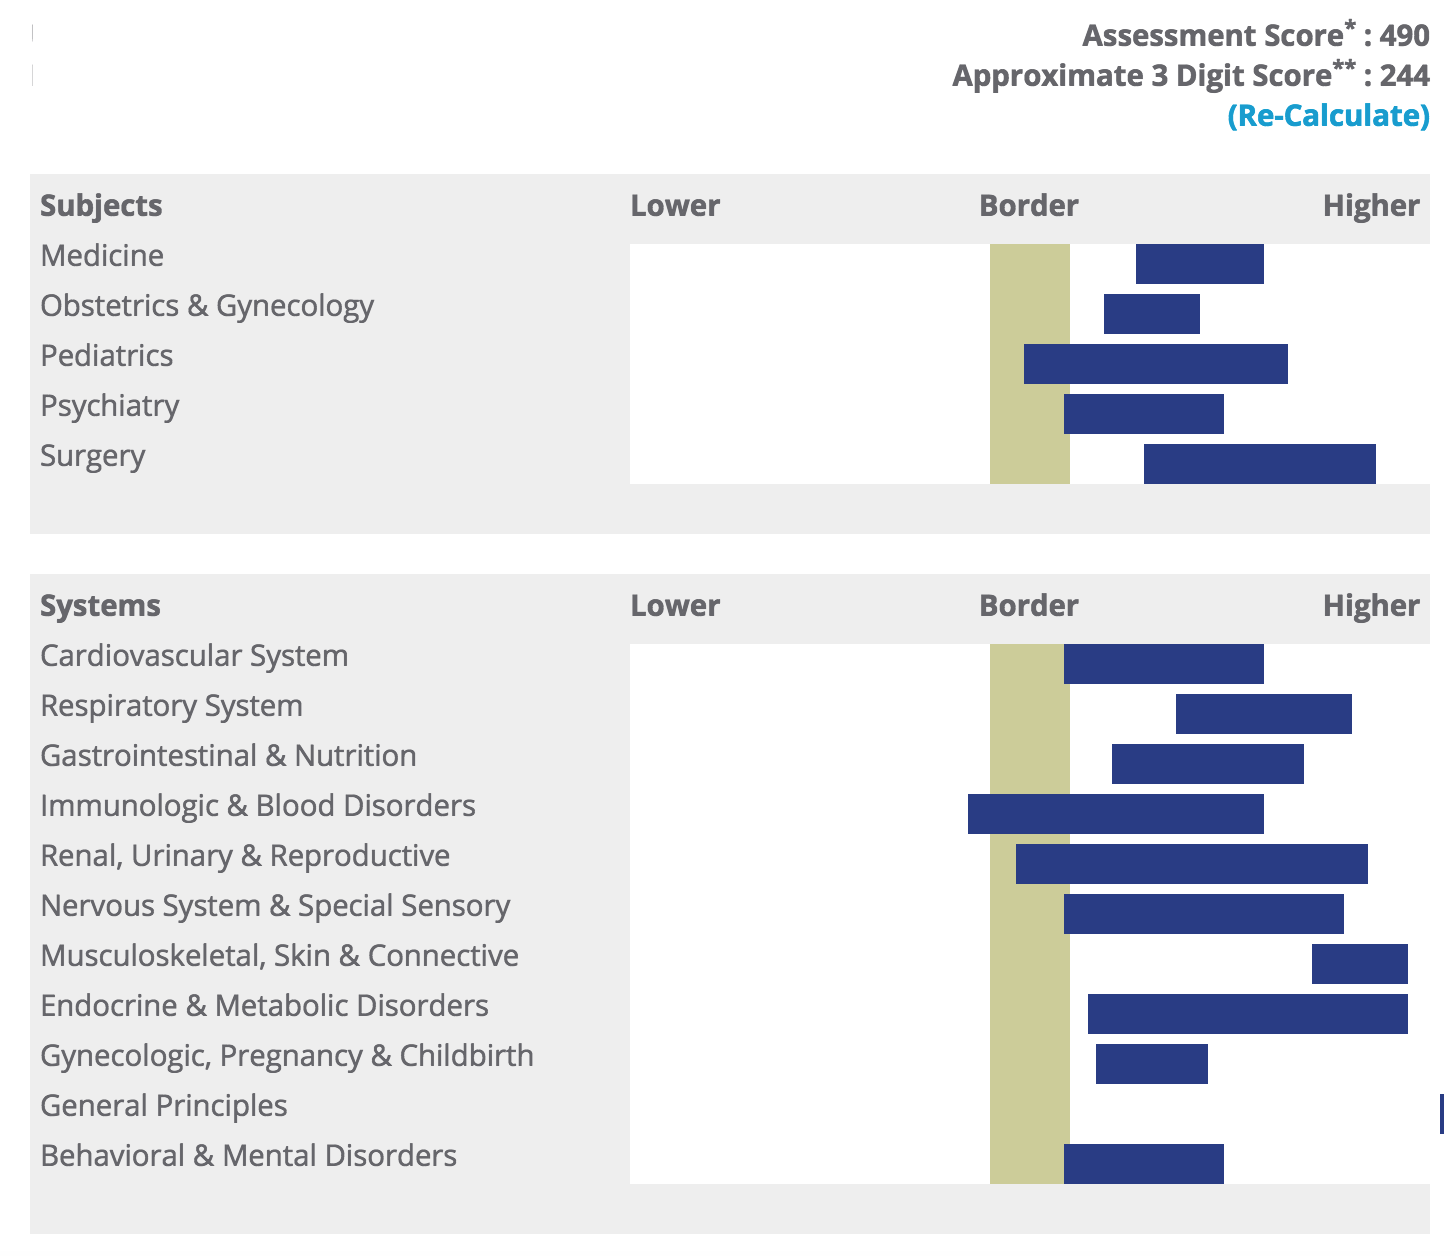 Uworld Assessment Score